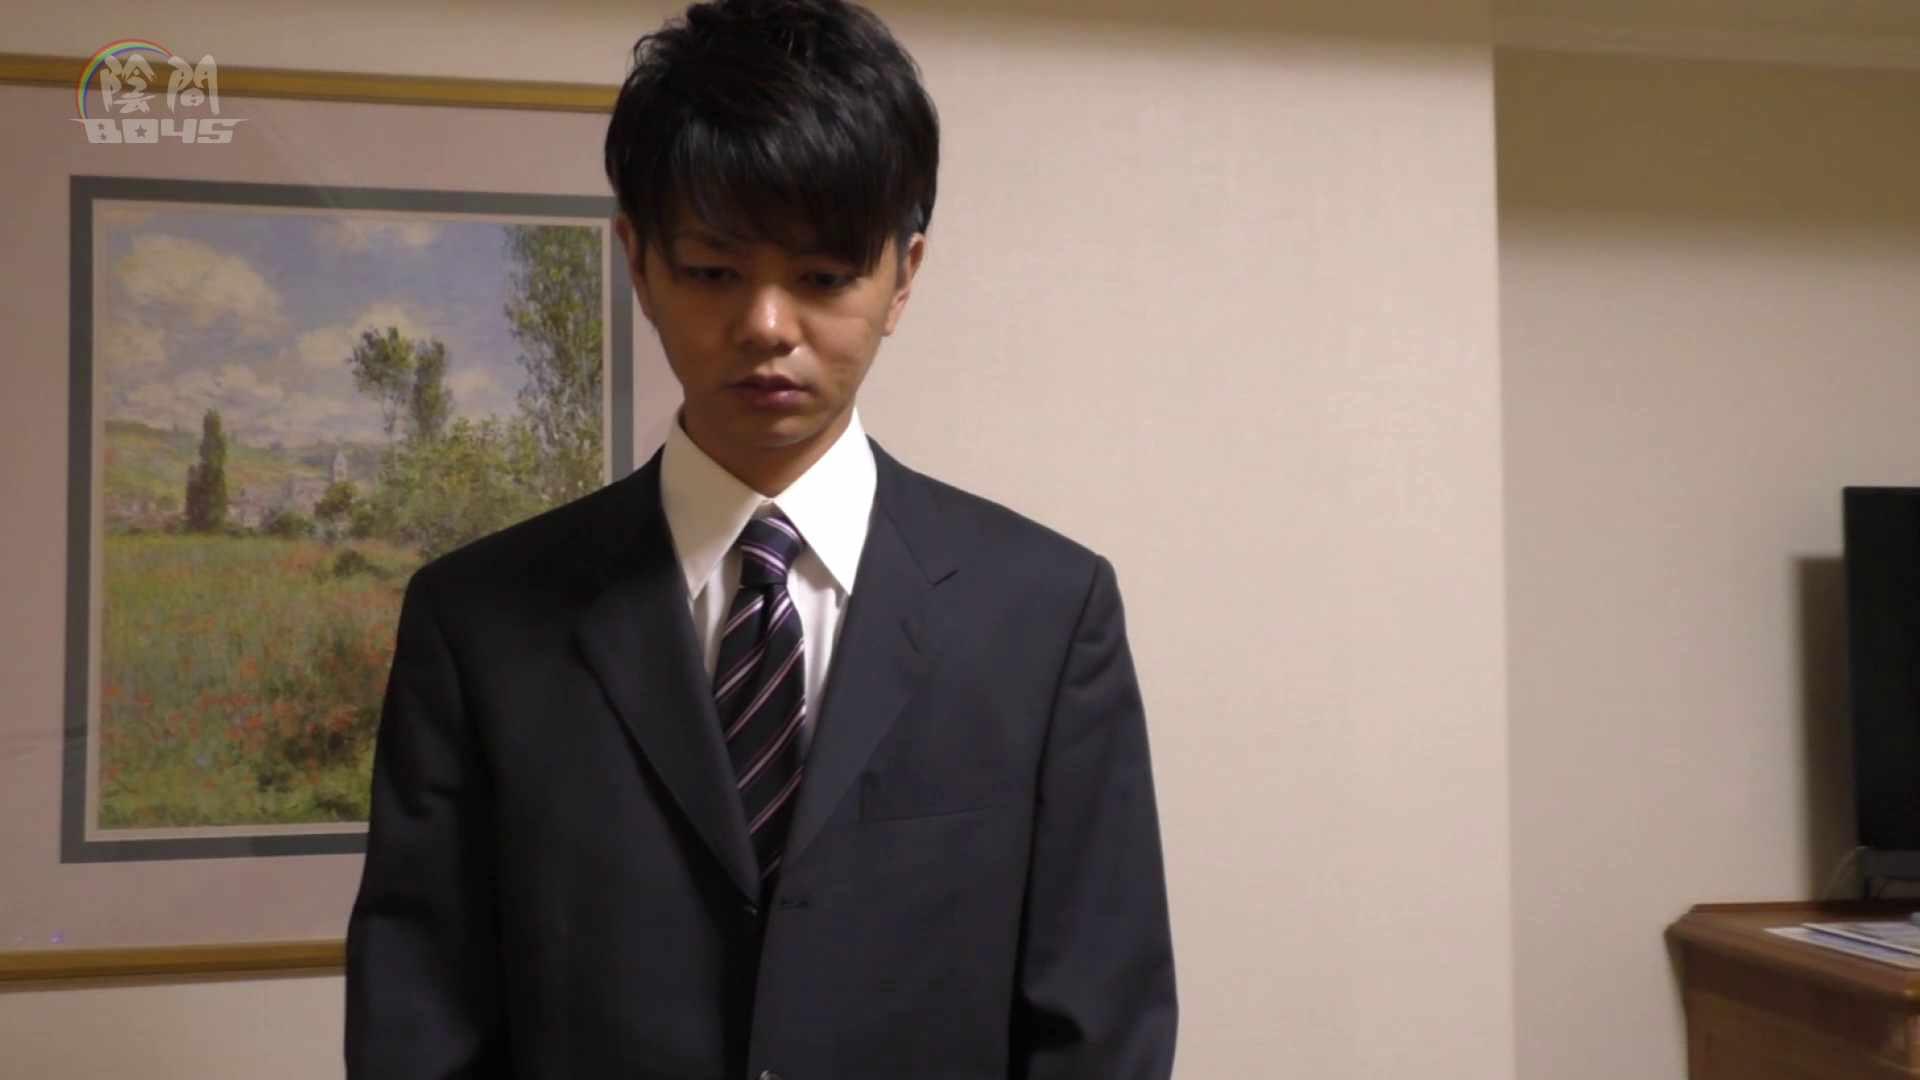 キャバクラの仕事はアナルから6  ~アナルの囁き~Vol.02 ザーメン   オナニー  9枚 8